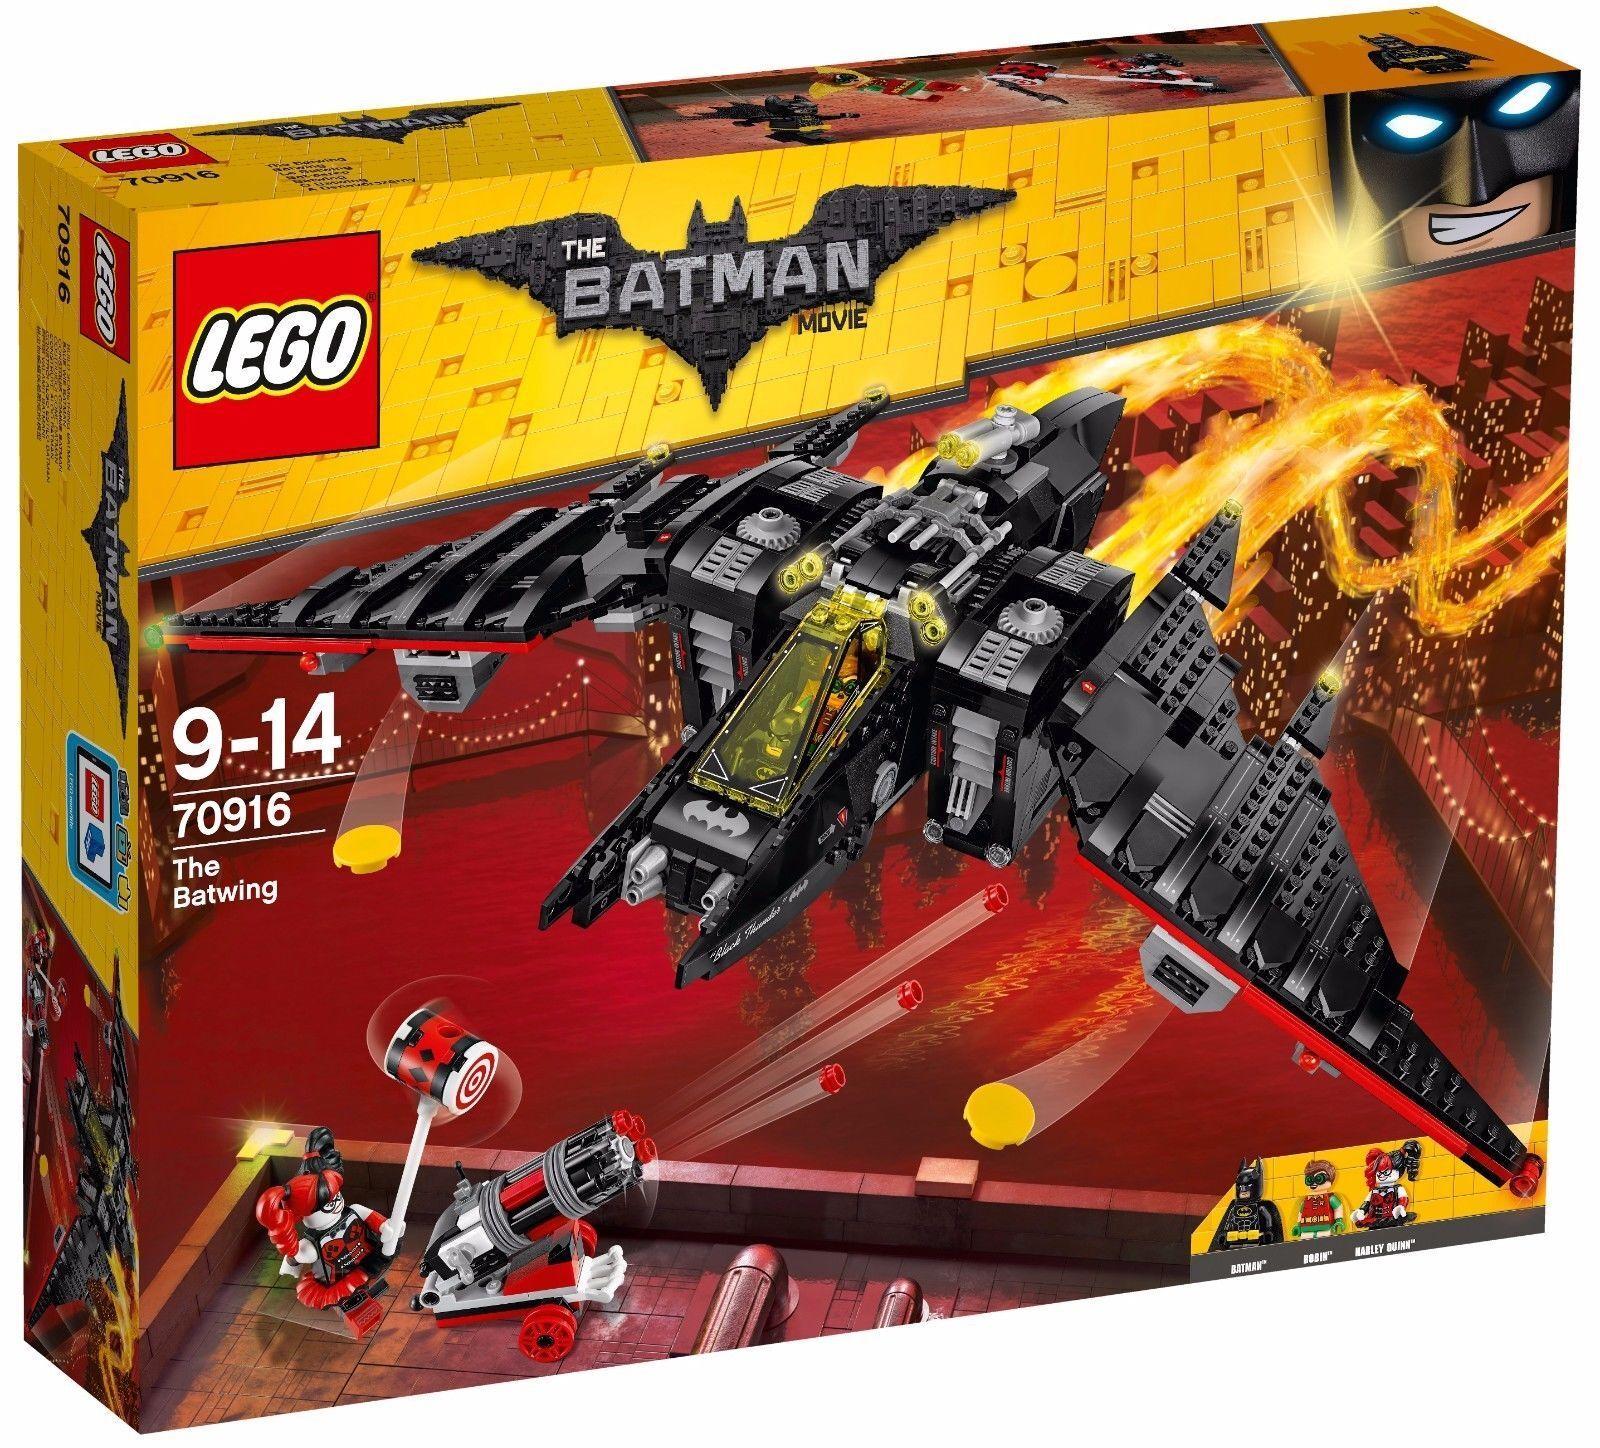 LEGO® THE LEGO® BATMAN MOVIE 70916  Batwing  Harley Quinn NEU OVP NEW MISB